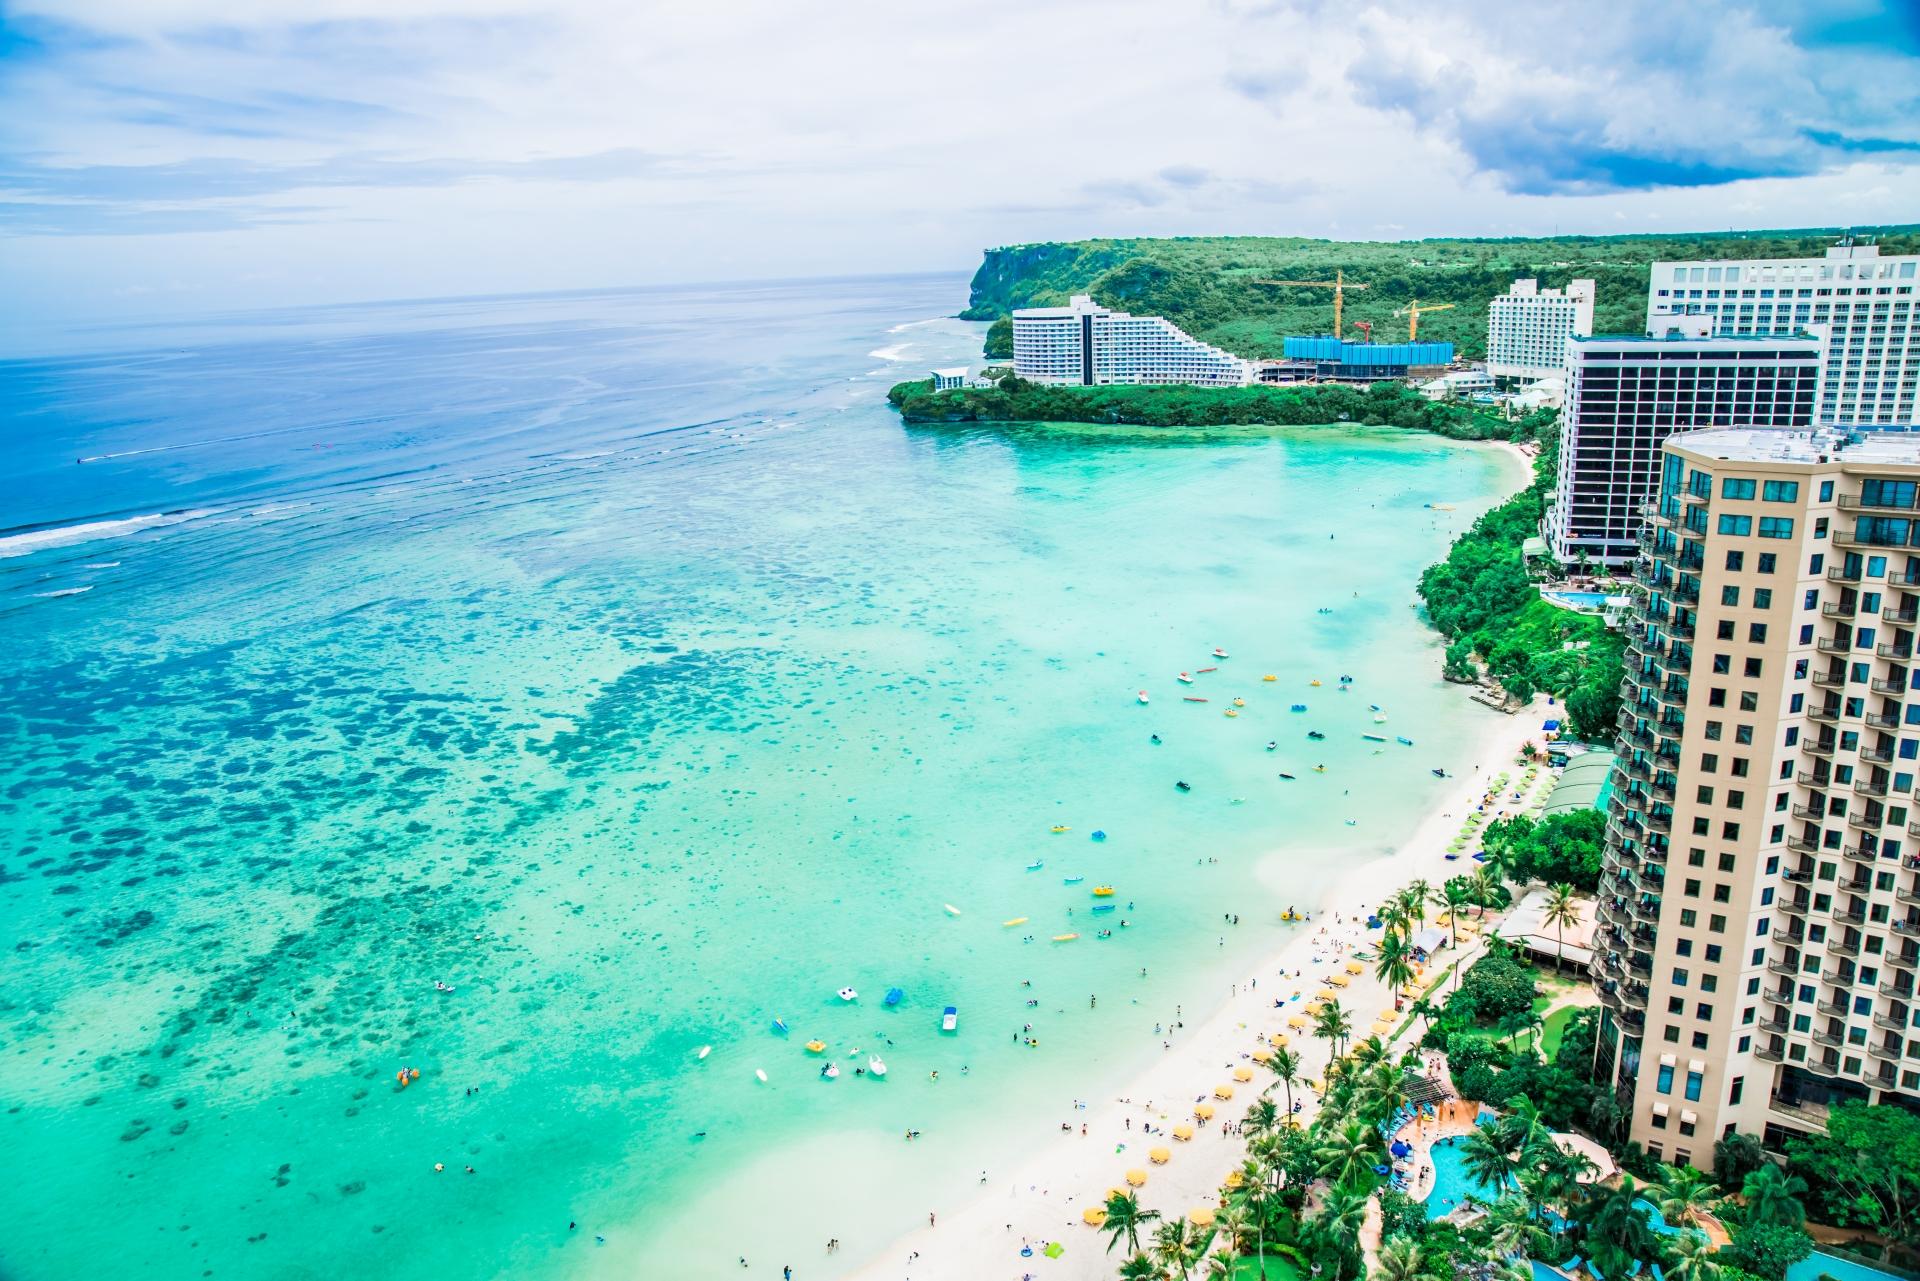 グアム旅行を2泊3日で楽しもう!おすすめモデルプランや予算をチェック!